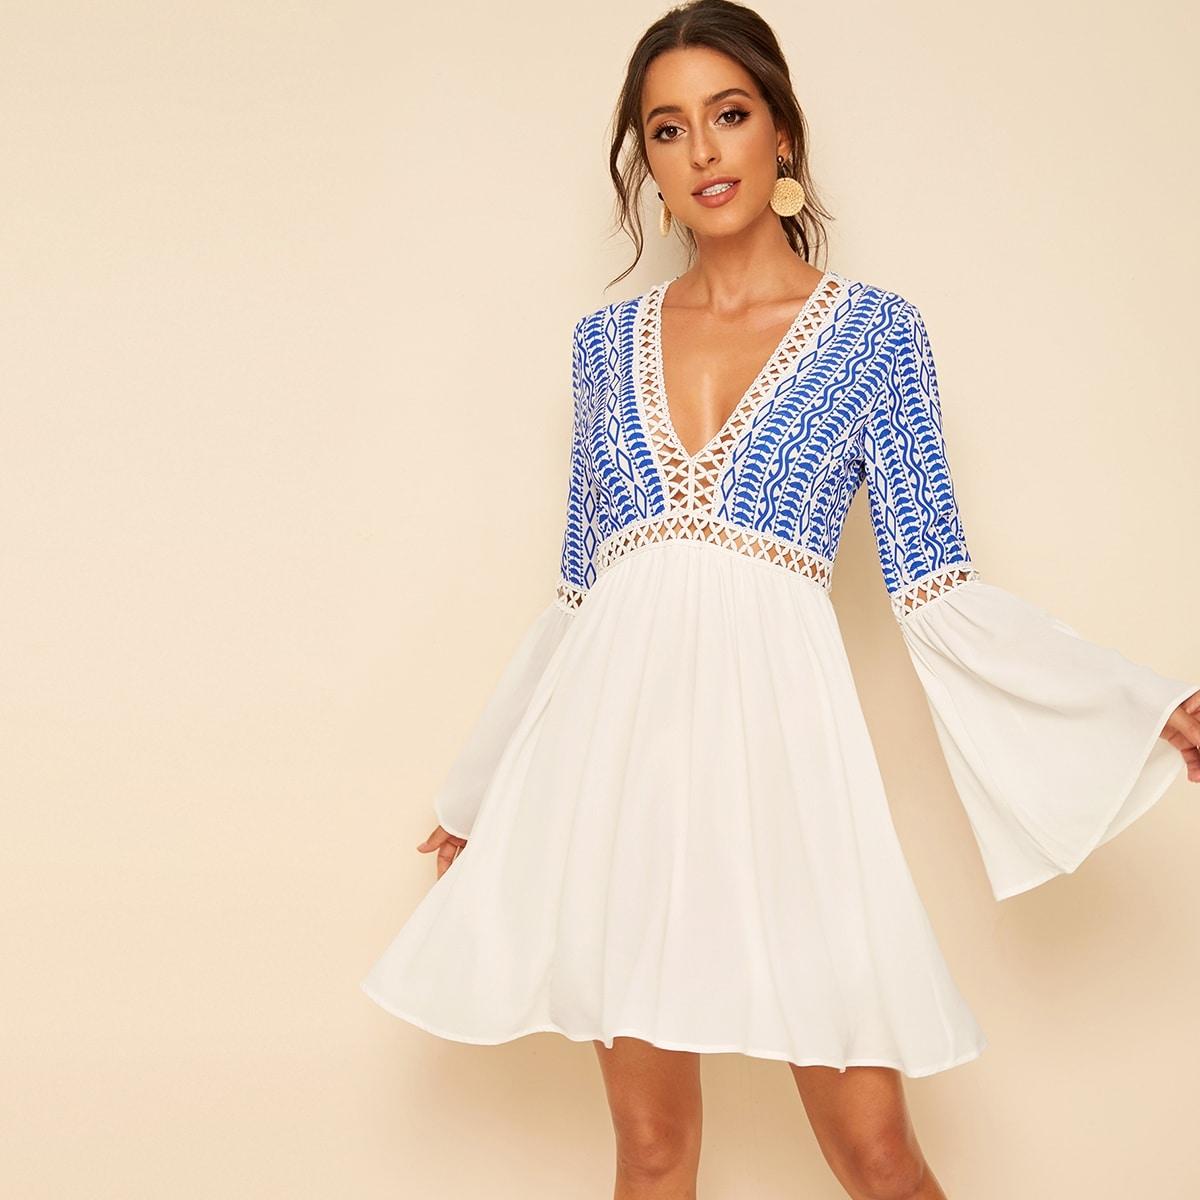 SHEIN / Kleid mit V Ausschnitt, Spitzen und Glockärmeln